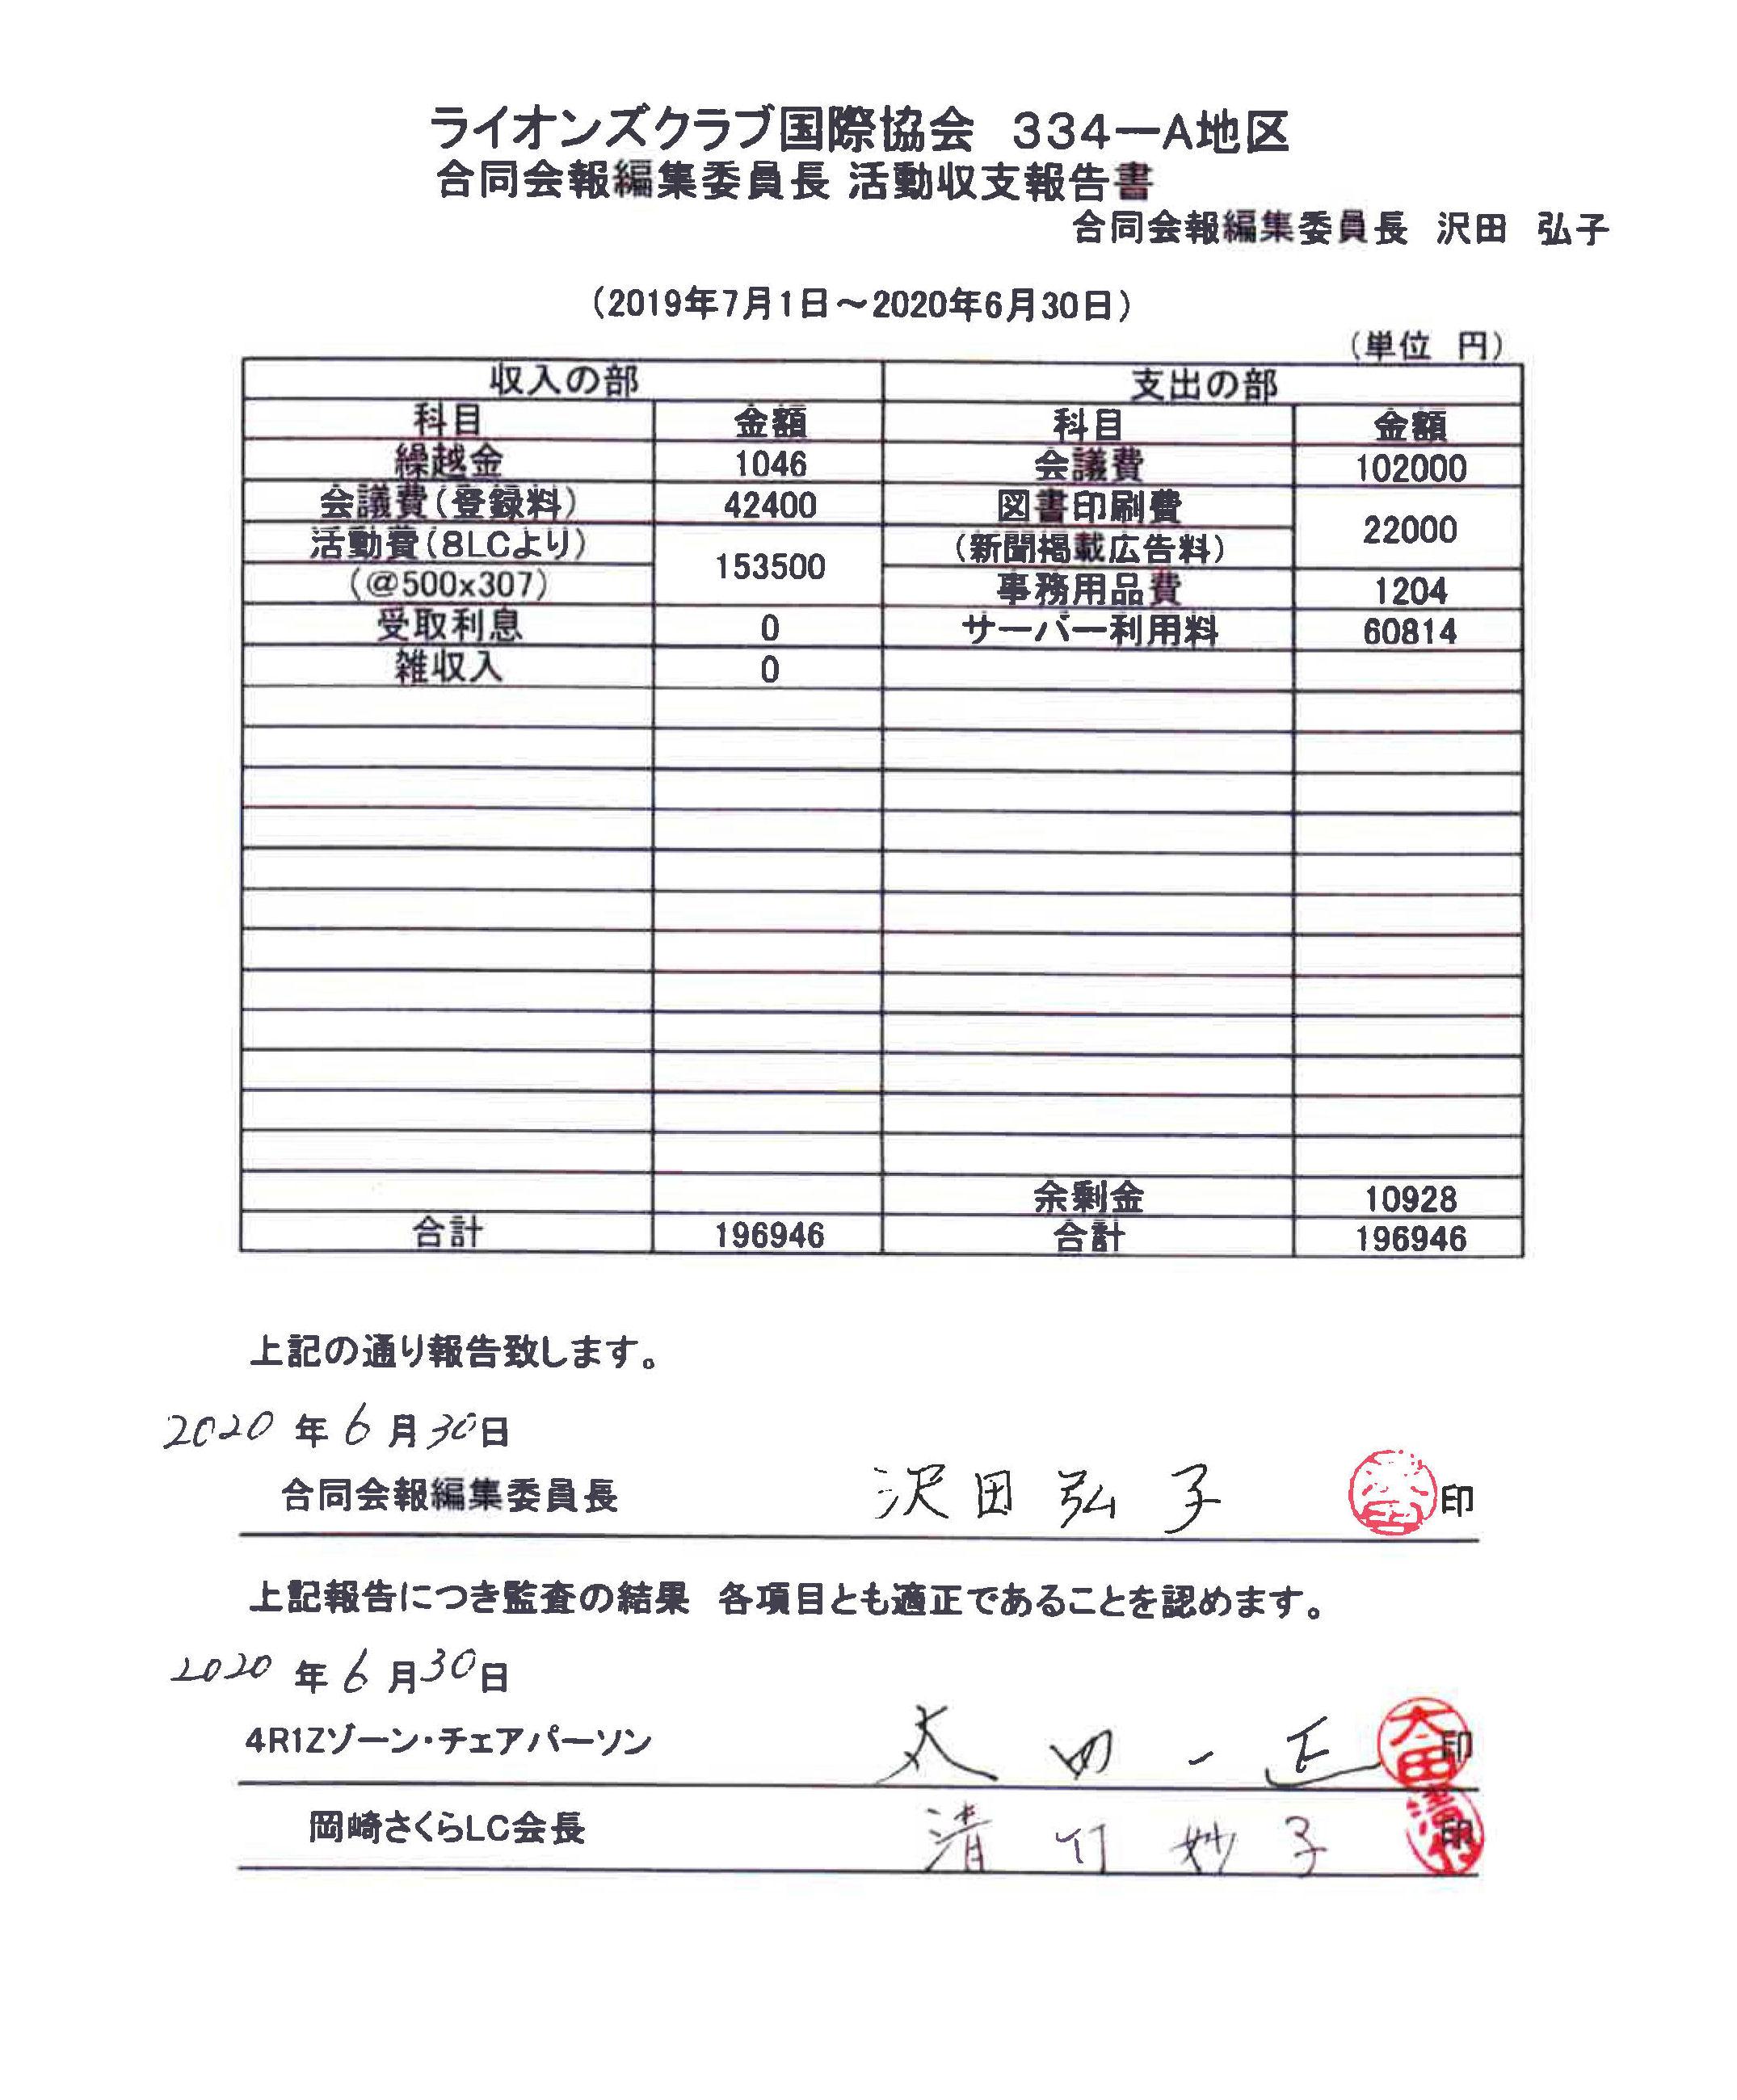 07 4R1Z合同会報編集委員長活動収支報告書